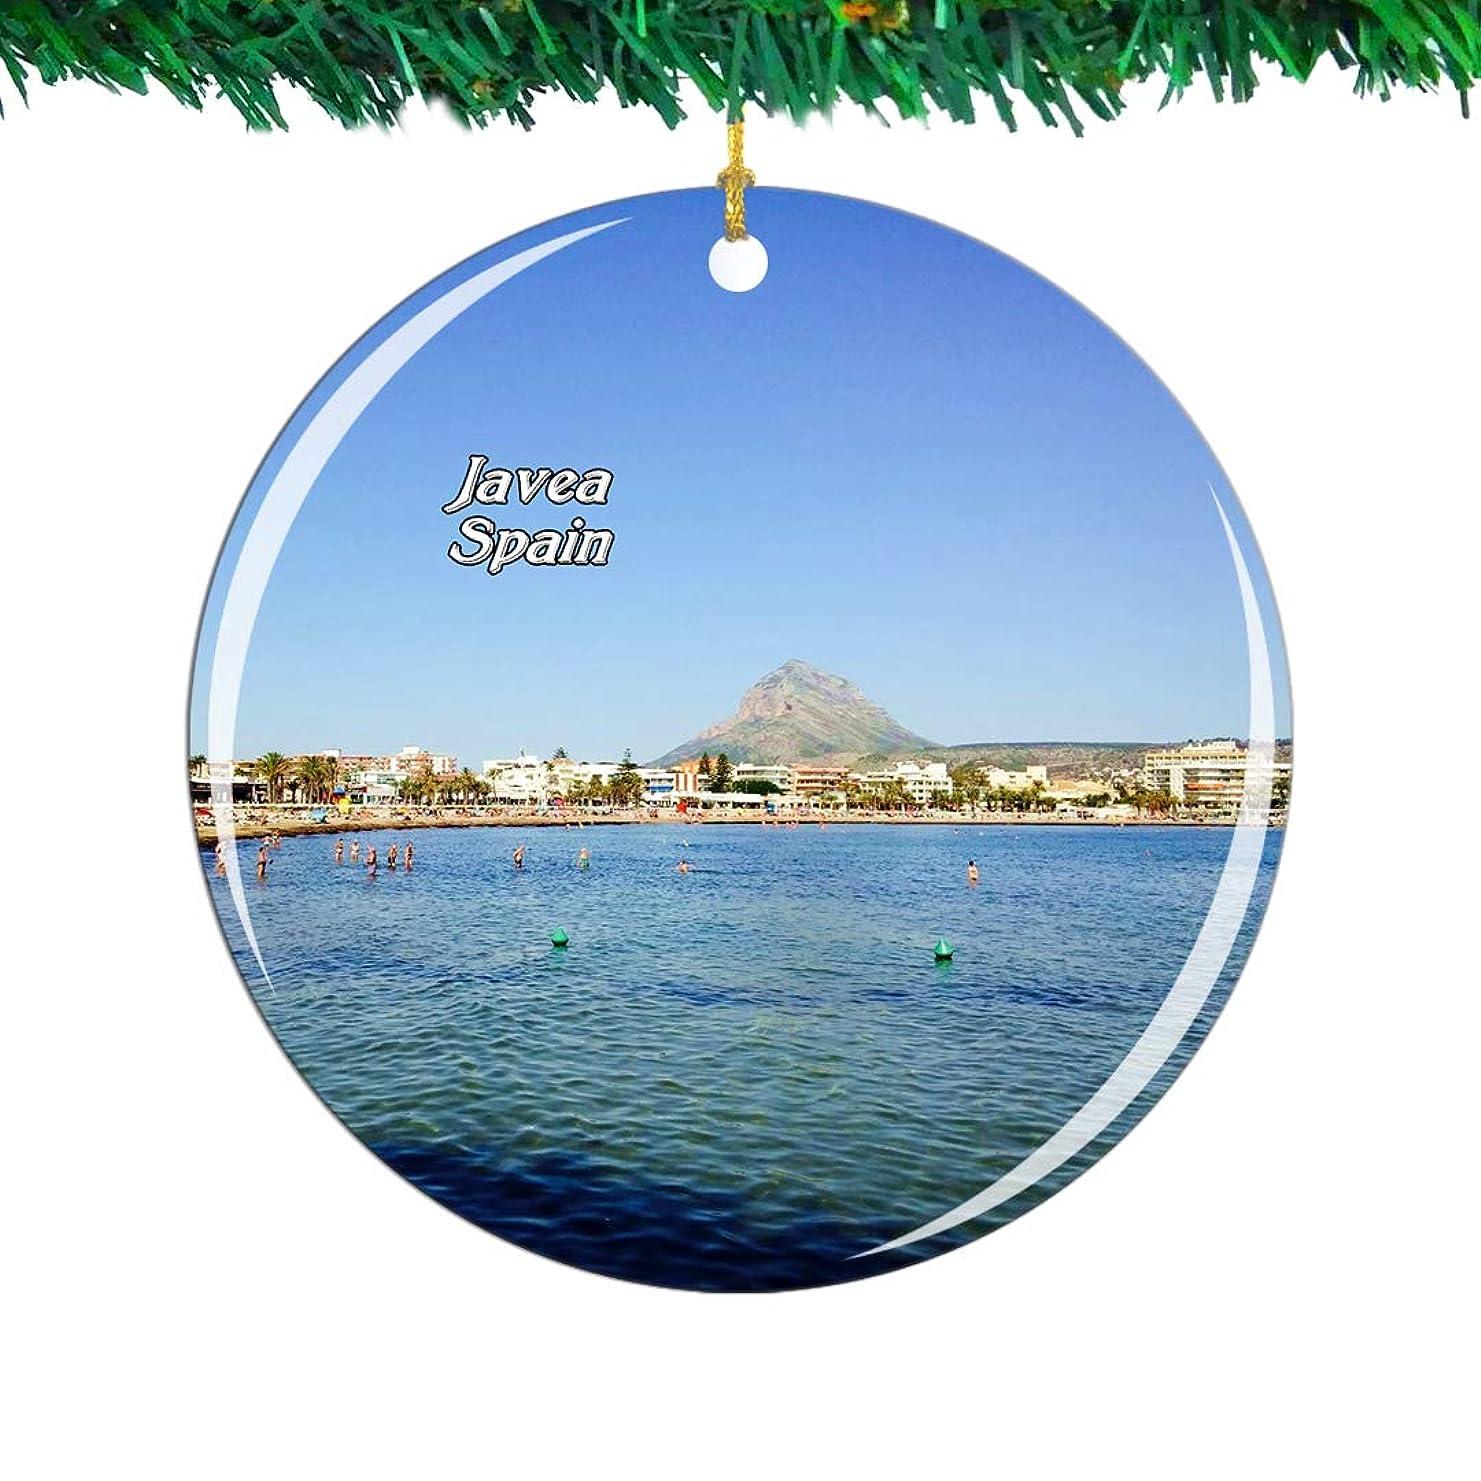 閃光磁気約設定Weekino スペインアレナルビーチハベアクリスマスオーナメントシティ旅行お土産コレクション両面 磁器2.85インチ ぶら下がっている木の装飾